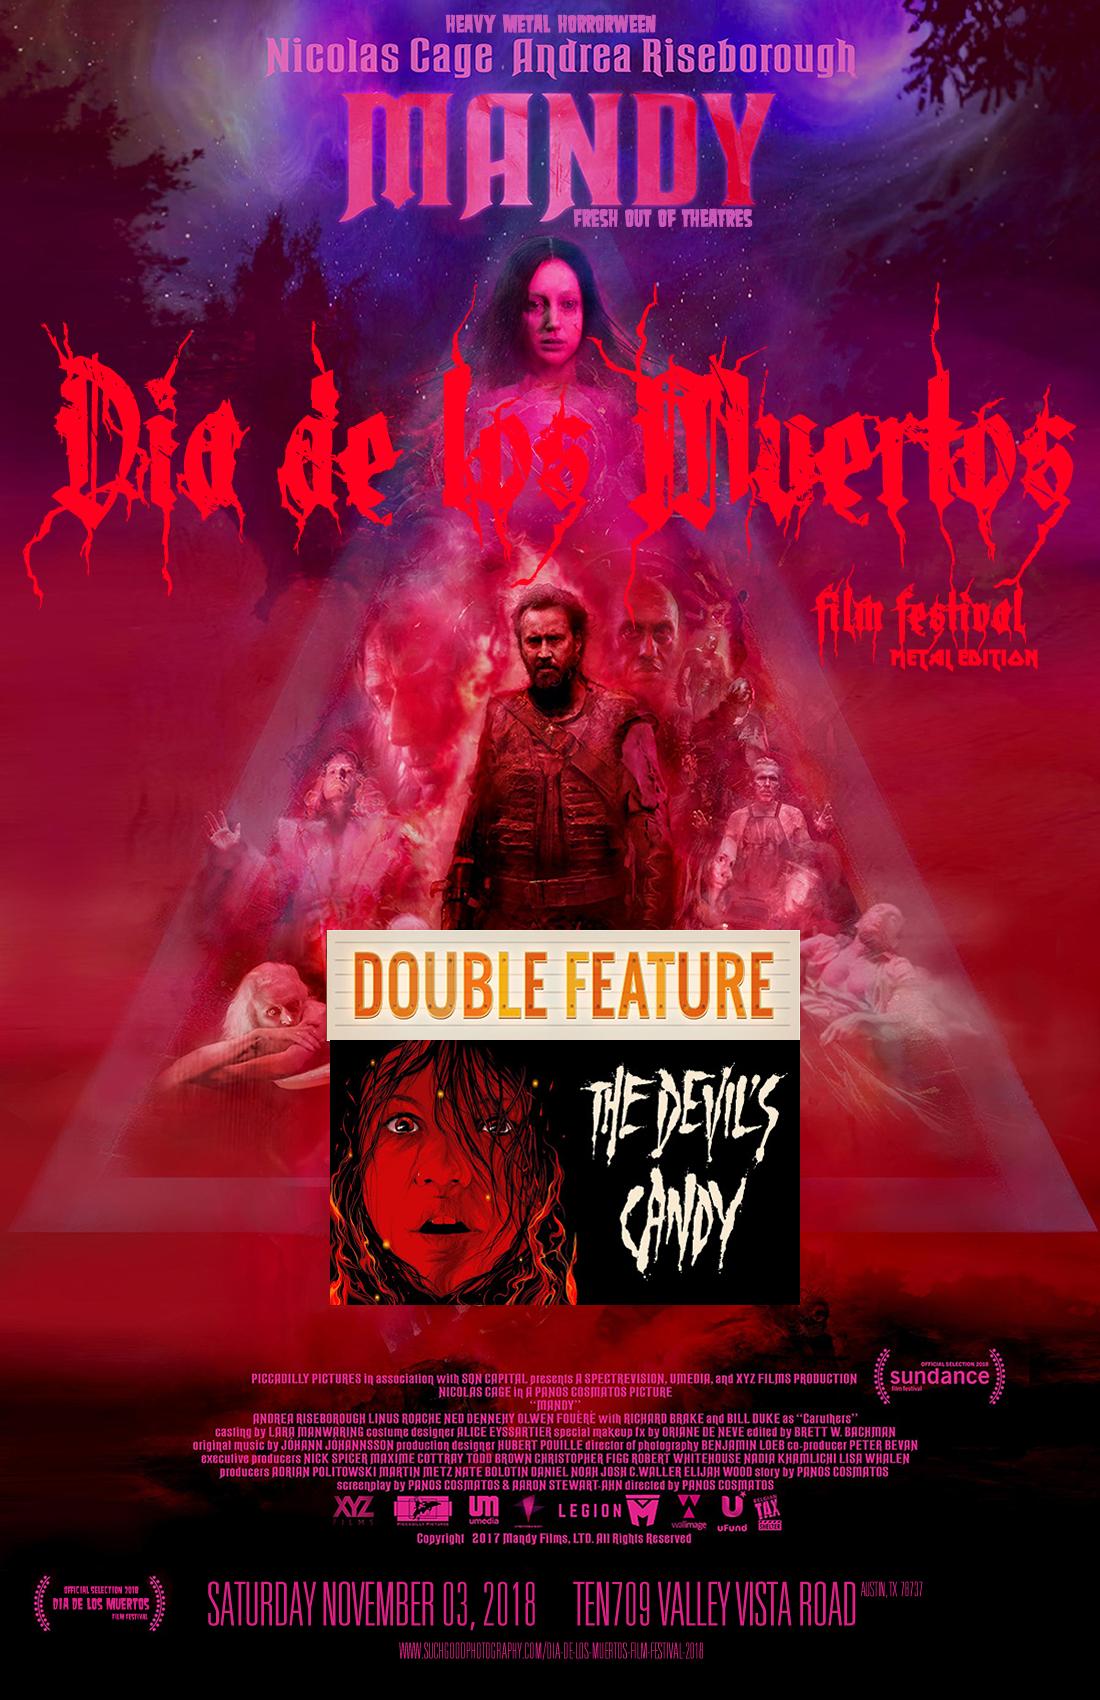 Dia de los Muertos Film Festival 2018